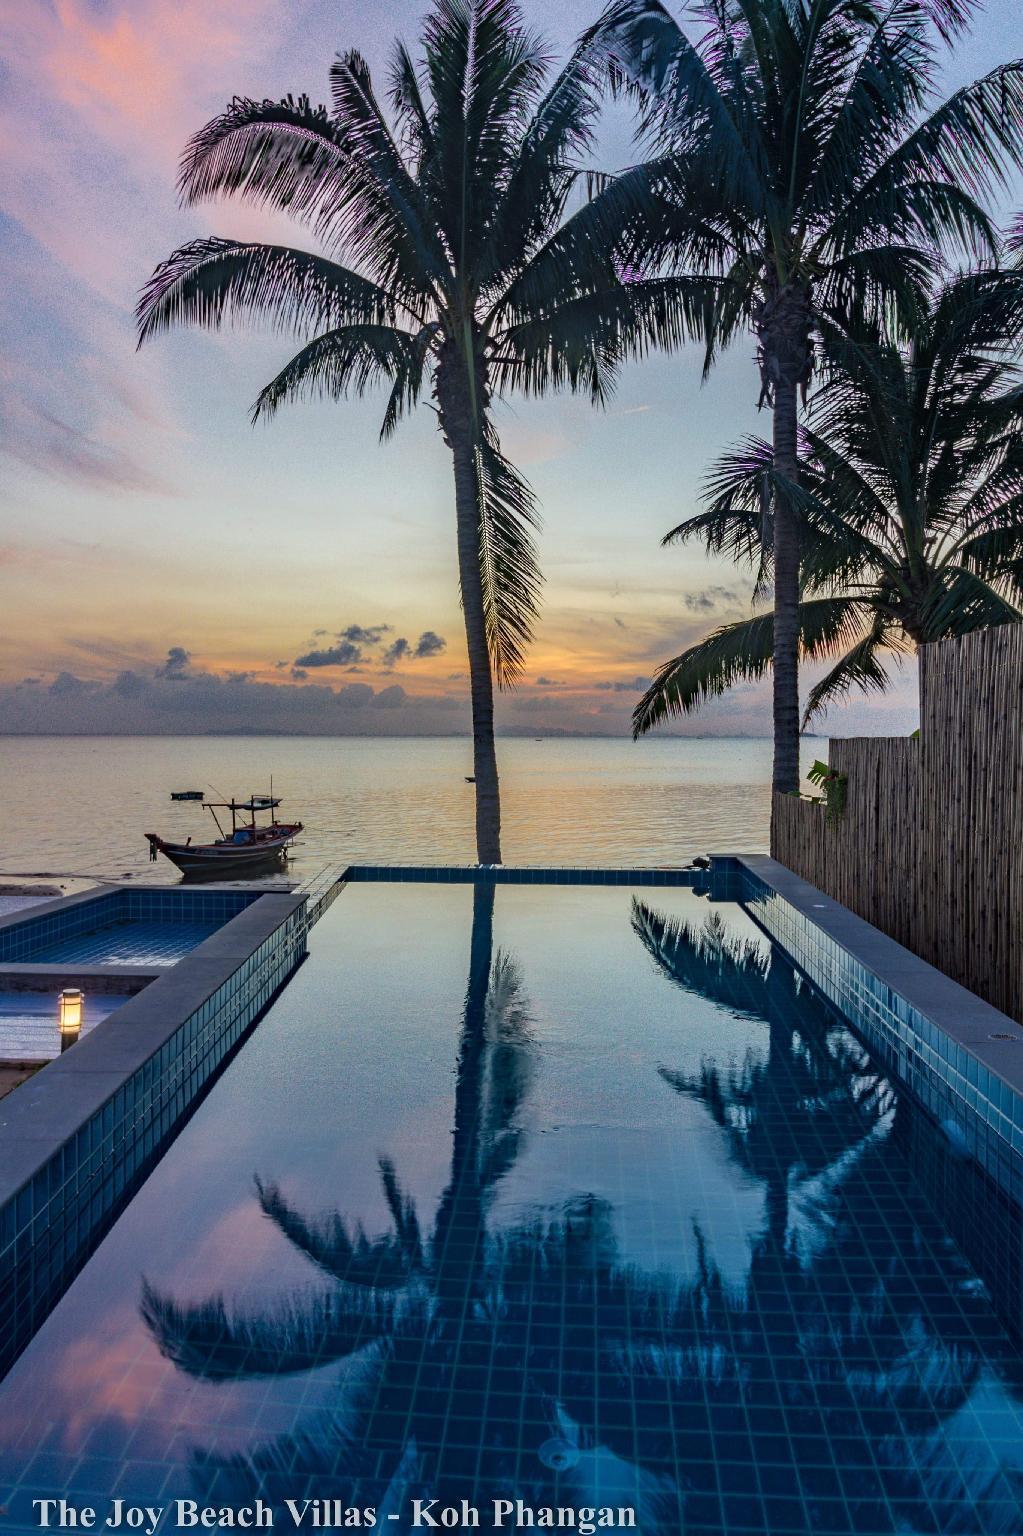 Joy Beach Villas - Deluxe วิลลา 1 ห้องนอน 1 ห้องน้ำส่วนตัว ขนาด 60 ตร.ม. – วกตุ่ม